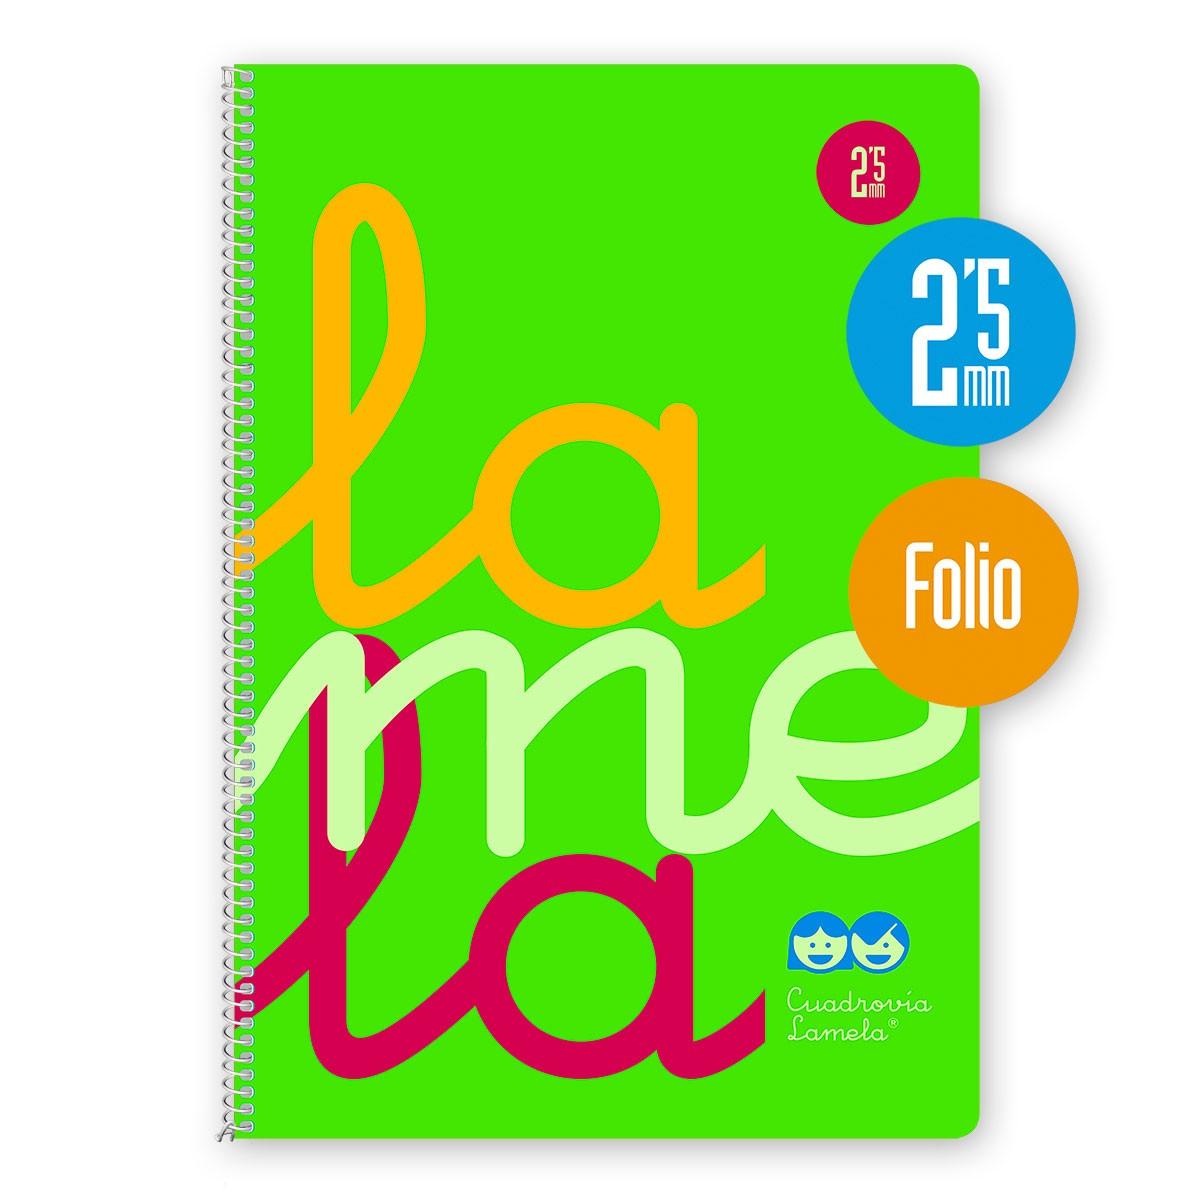 Cuaderno Espiral Folio 80 Hojas, 90 Grs. Cubierta Polipropileno Fluor. VERDE. Cuadrovía 2,5mm.